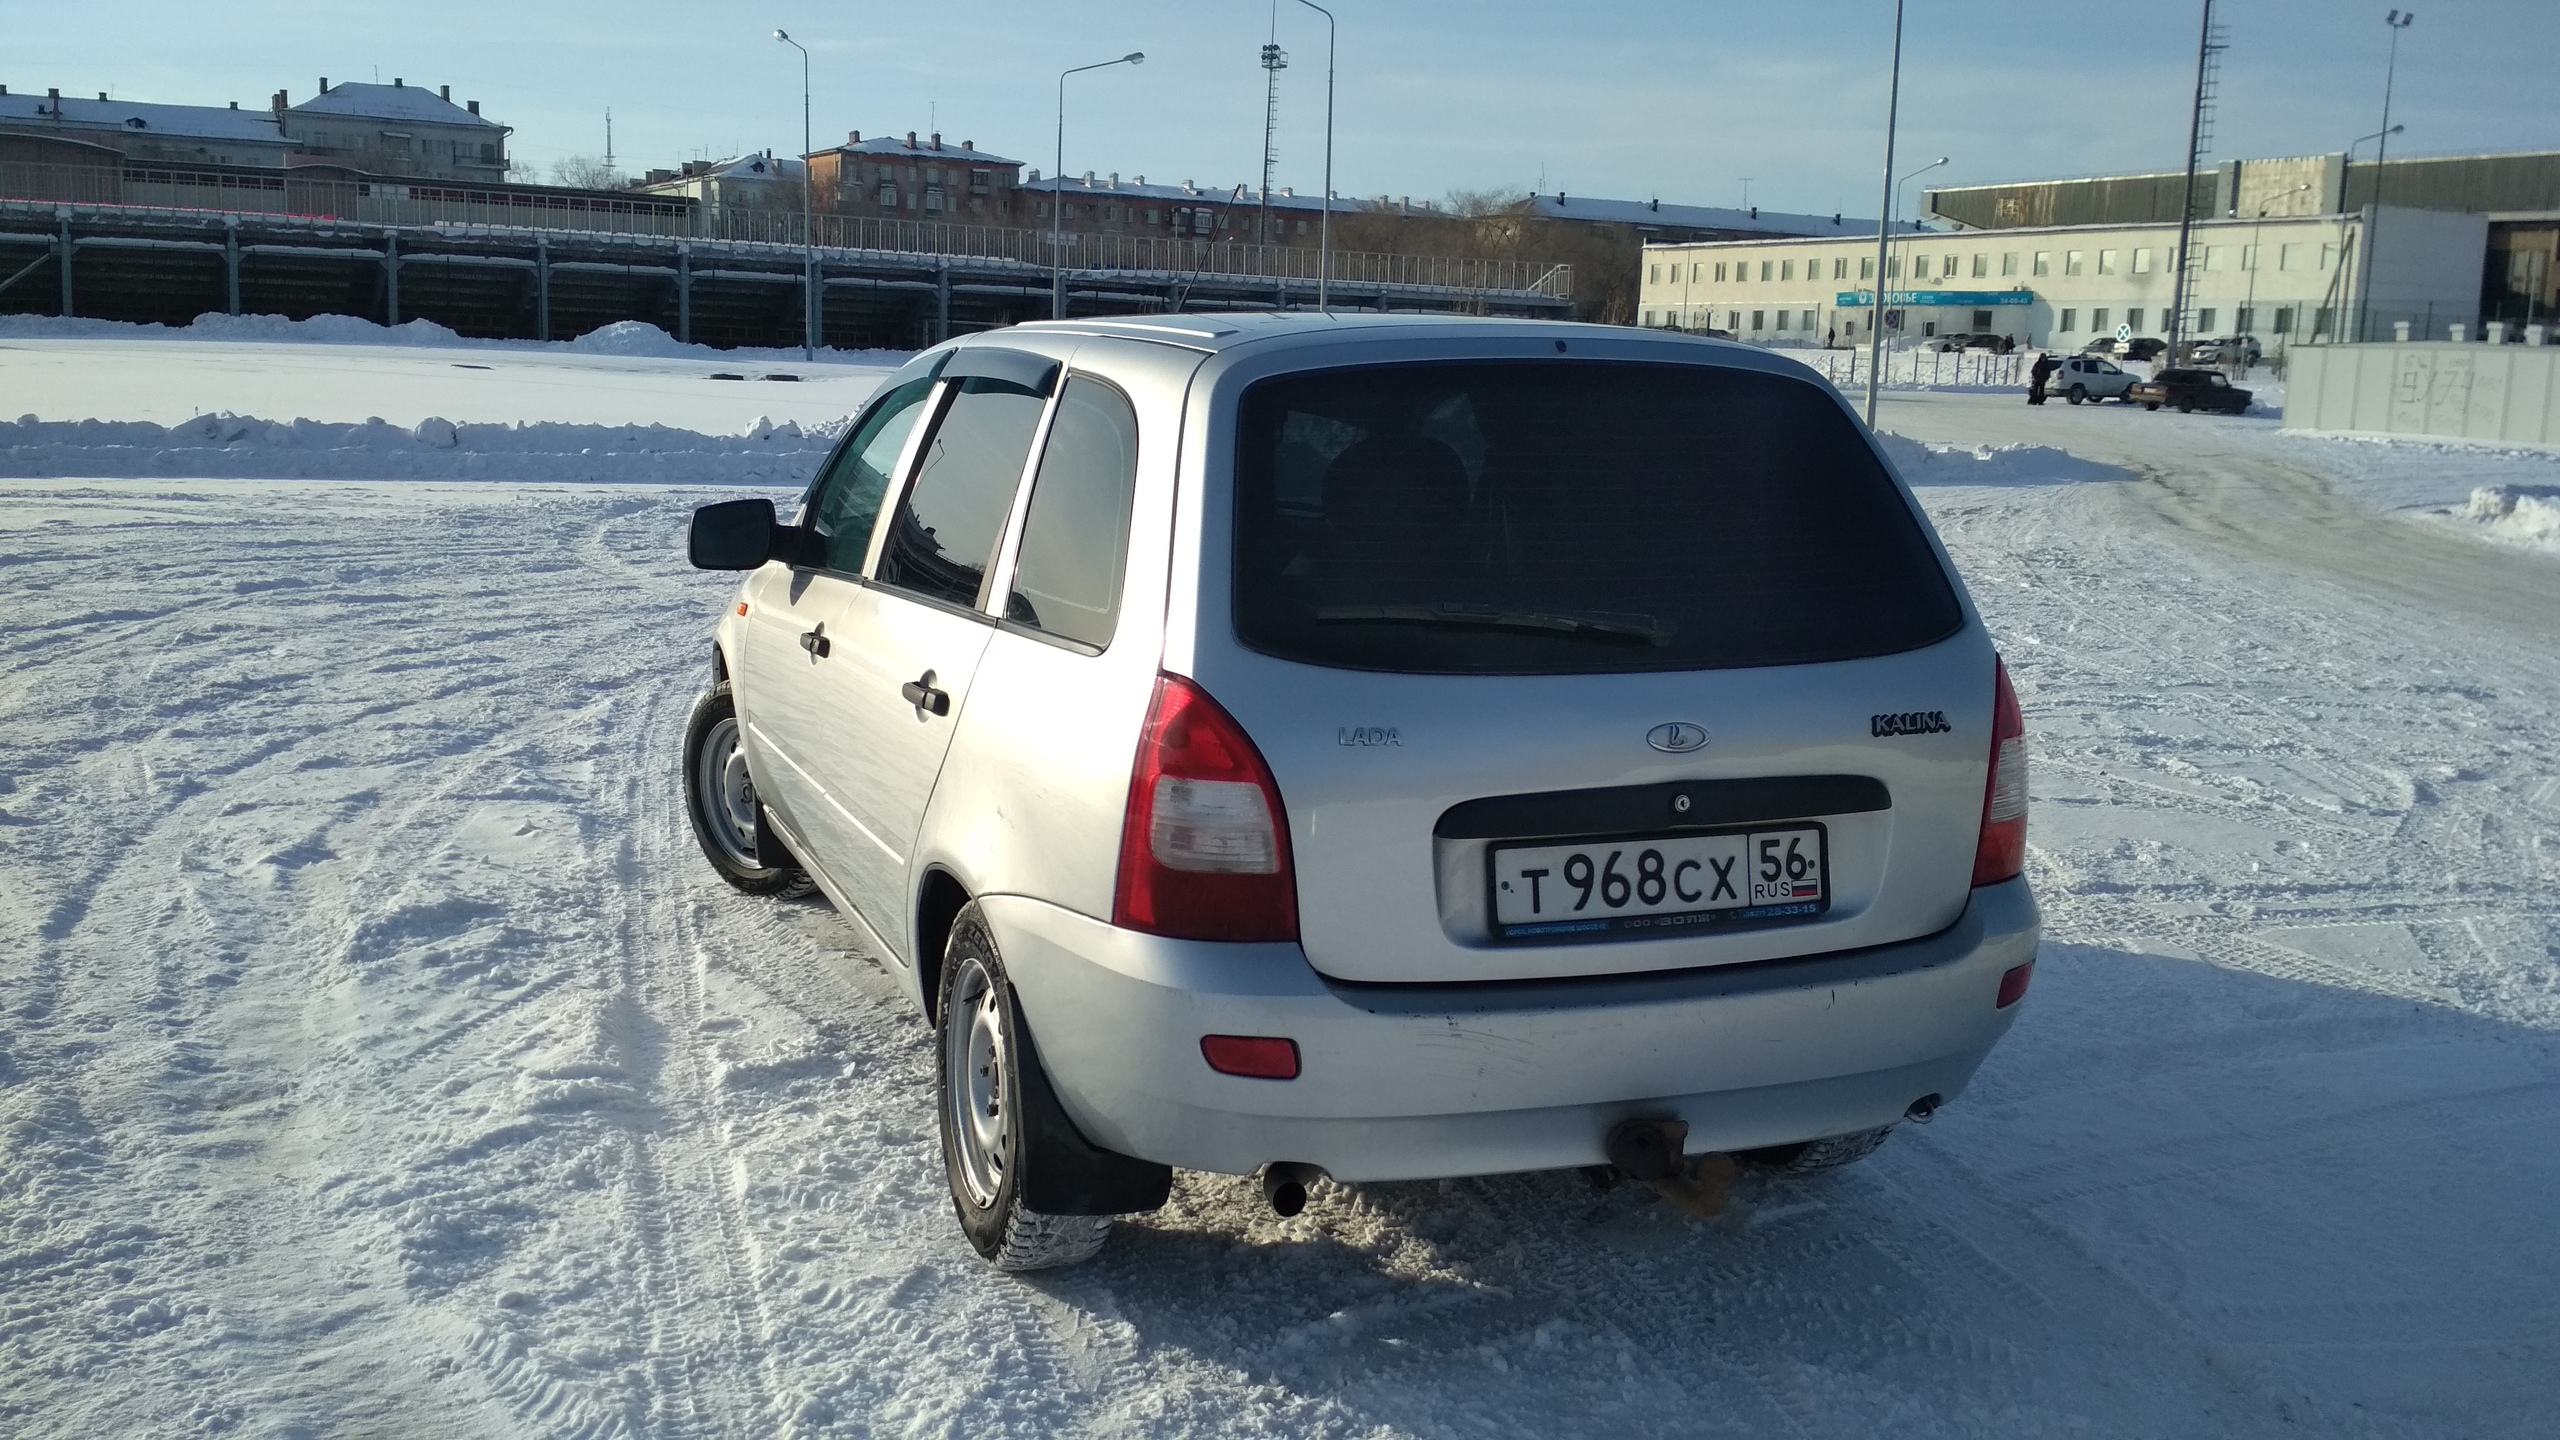 Подам LADA KALINA  Машина 2012 г.в. Эксплуатация | Объявления Орска и Новотроицка №798